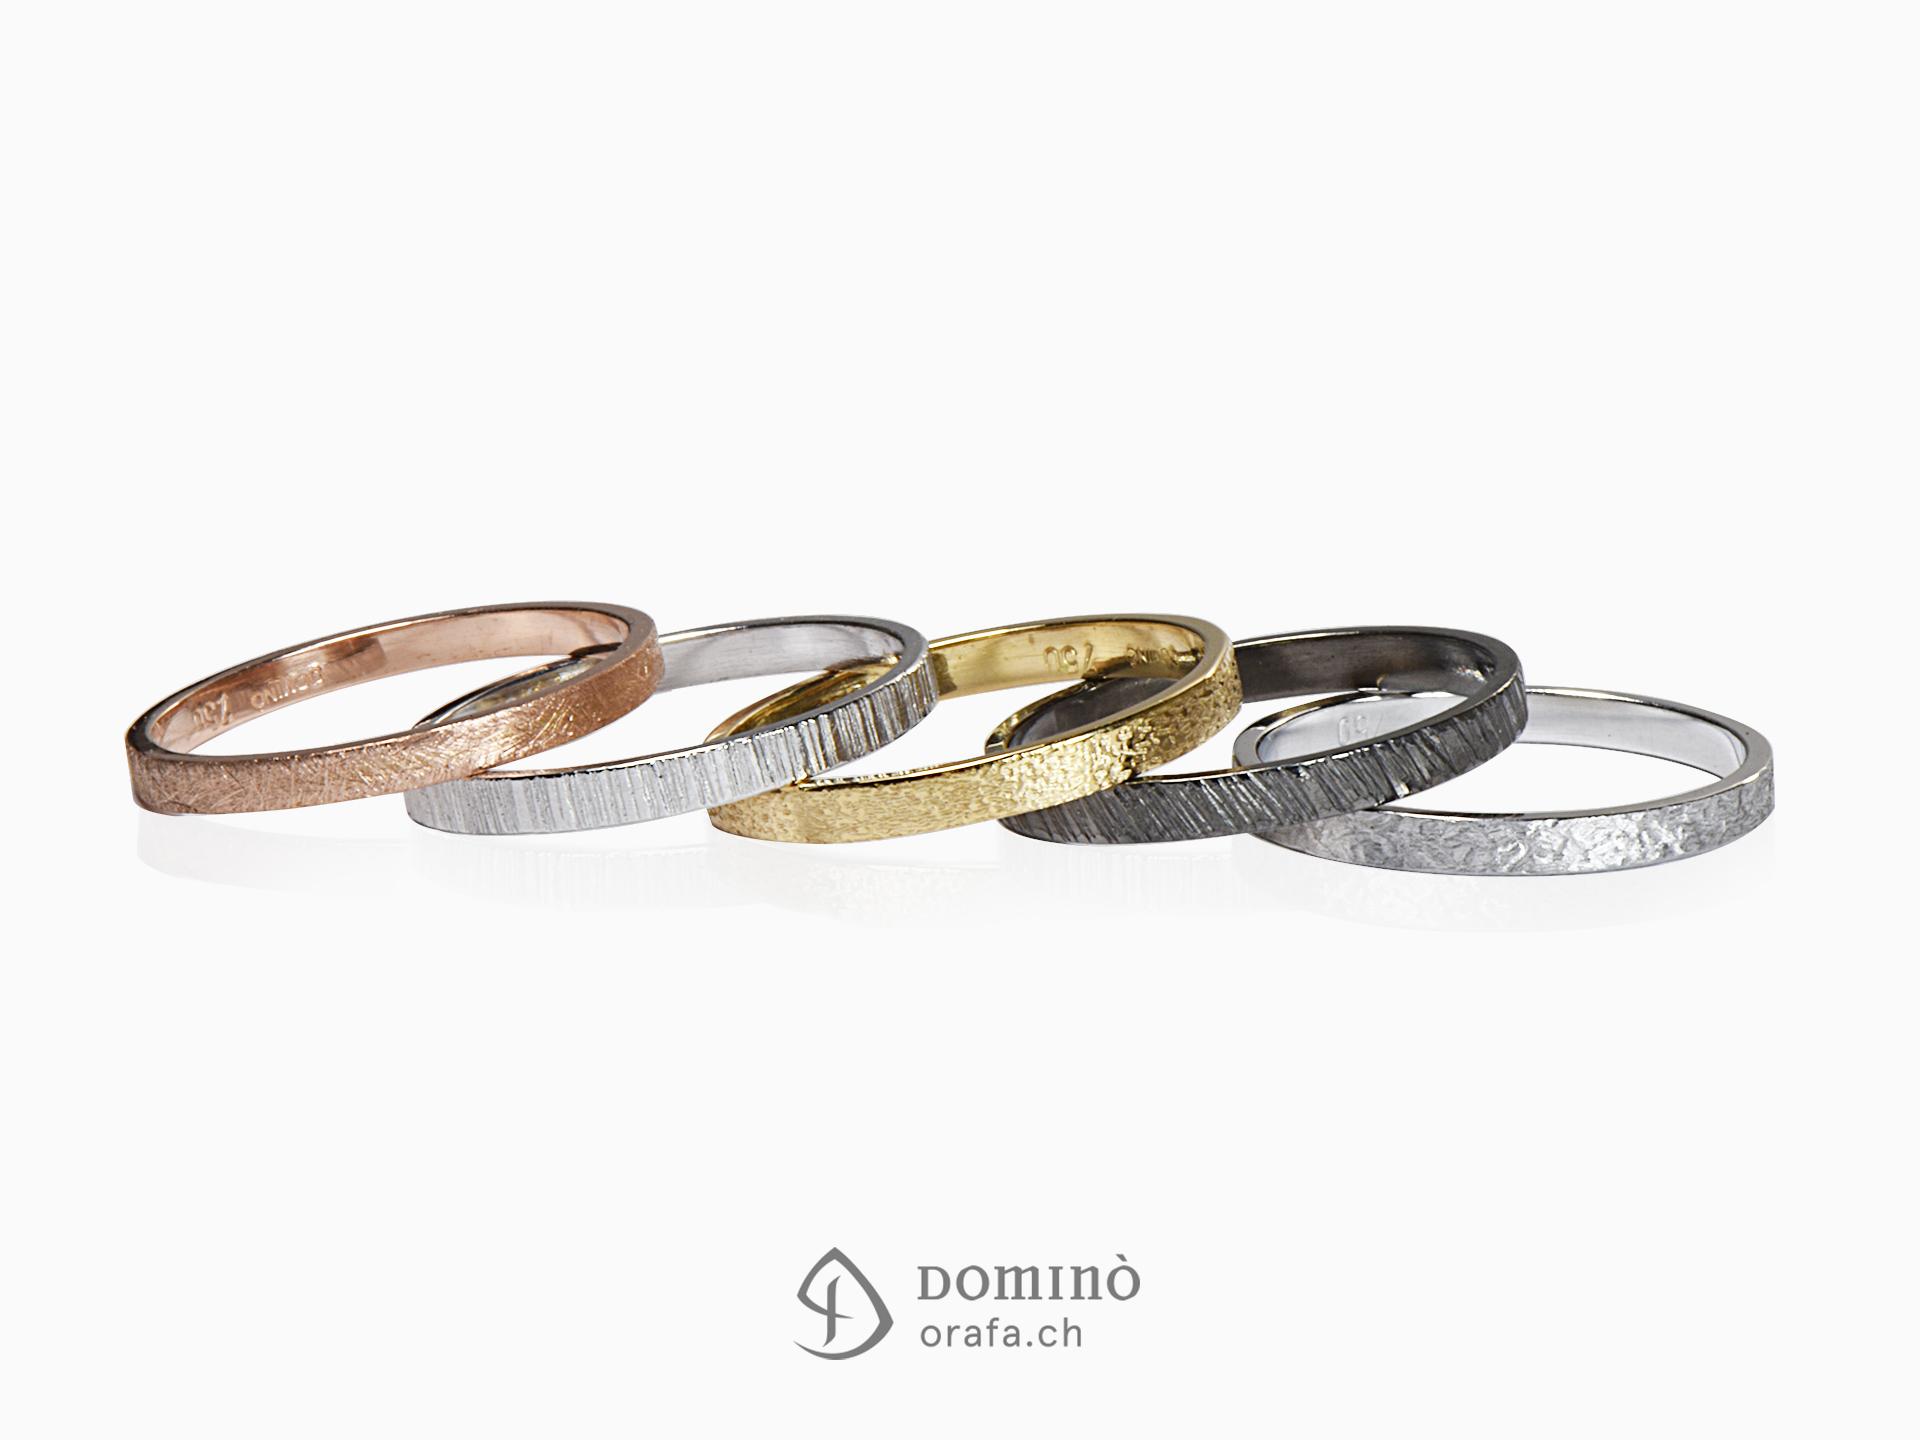 Modular rings